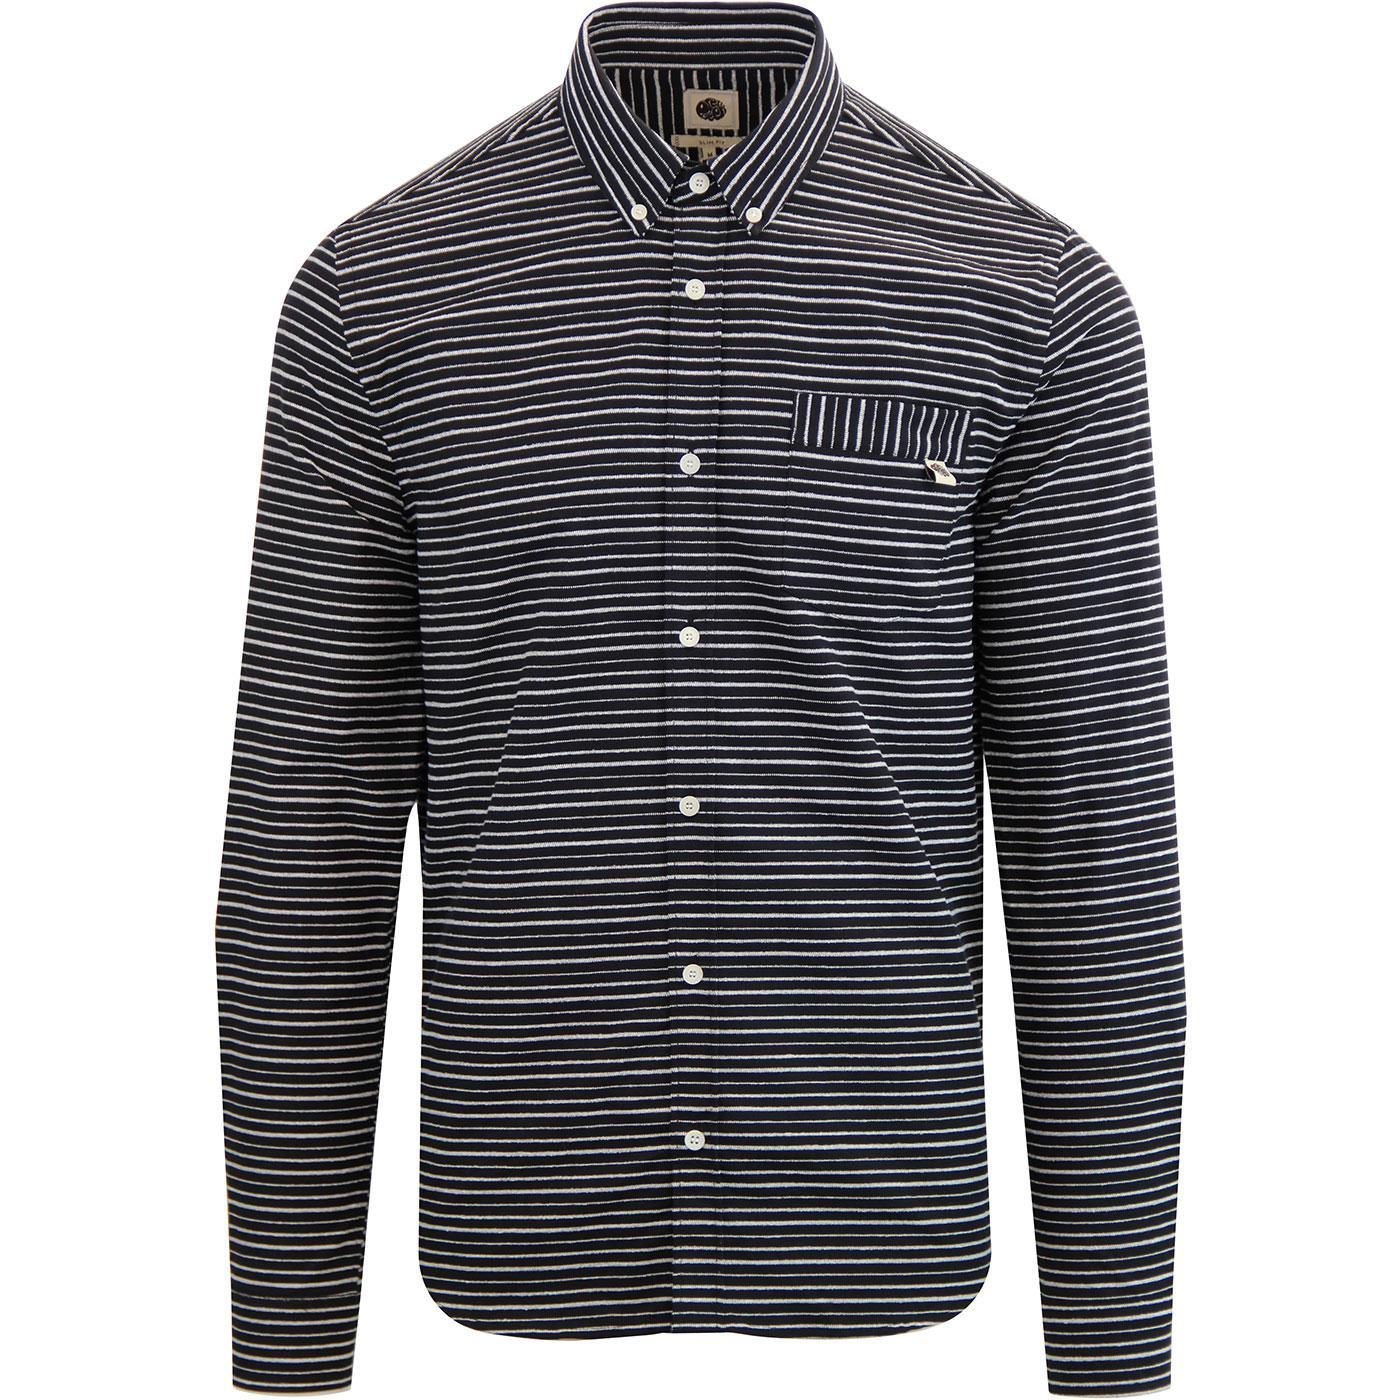 PRETTY GREEN Mod Button Down Jacquard Stripe Shirt